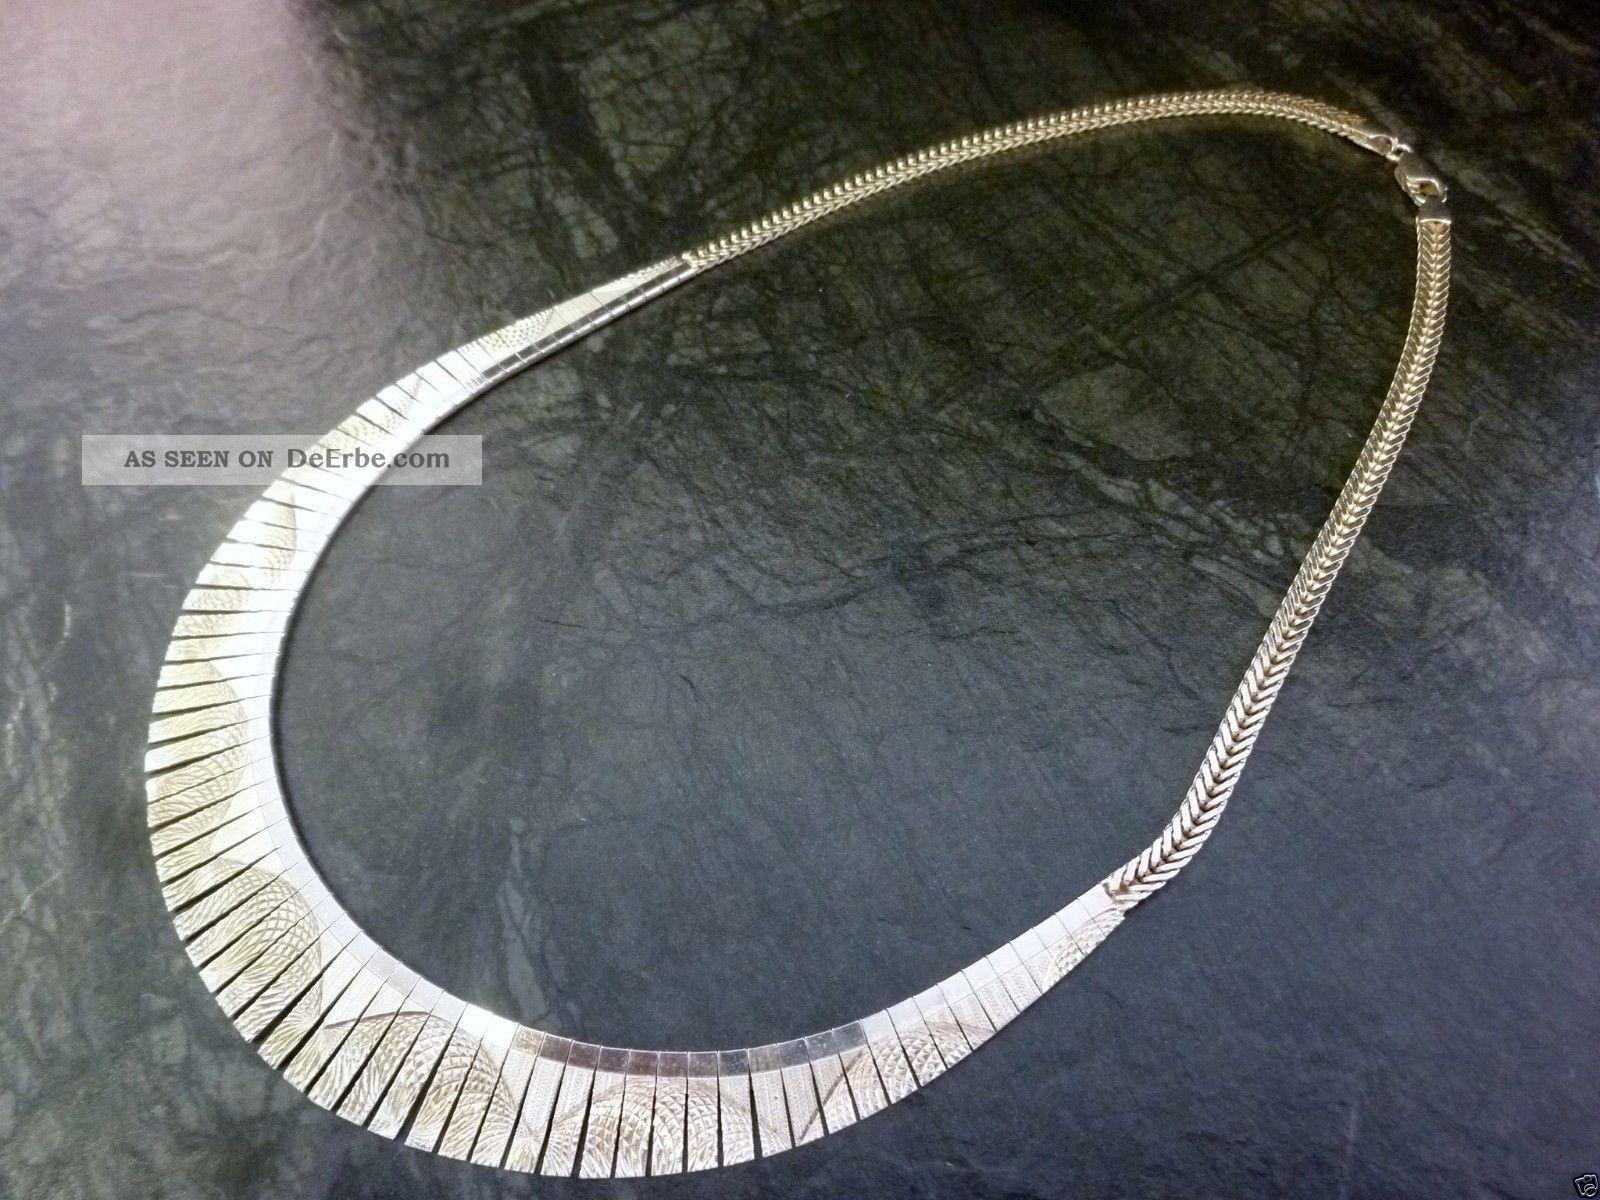 Collier silber  Antikschmuck - Schmuck & Accessoires - Ketten - Silber - Antiquitäten